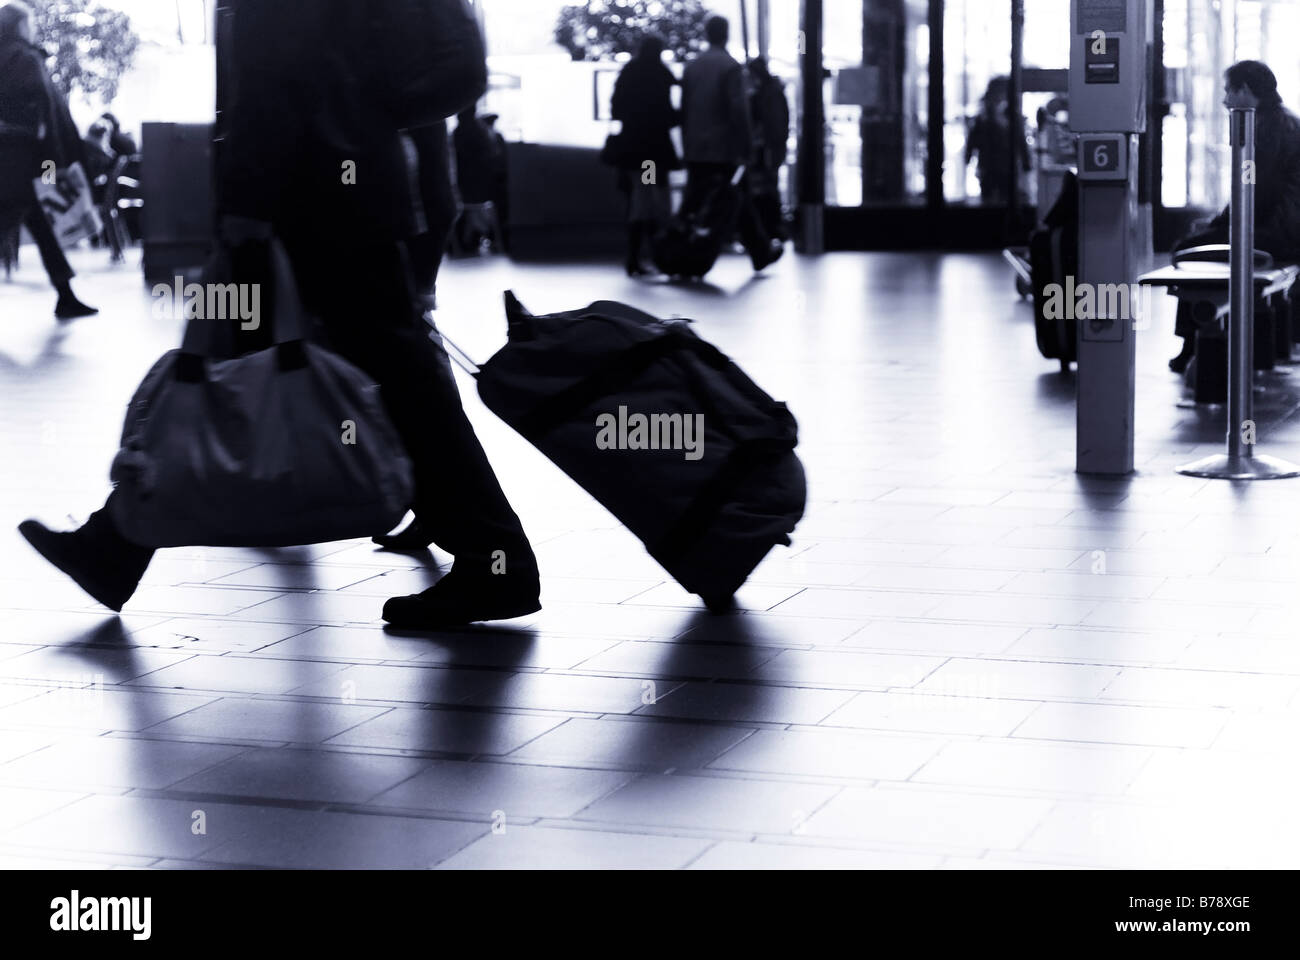 Reisende am Flughafen Blurry Stockbild